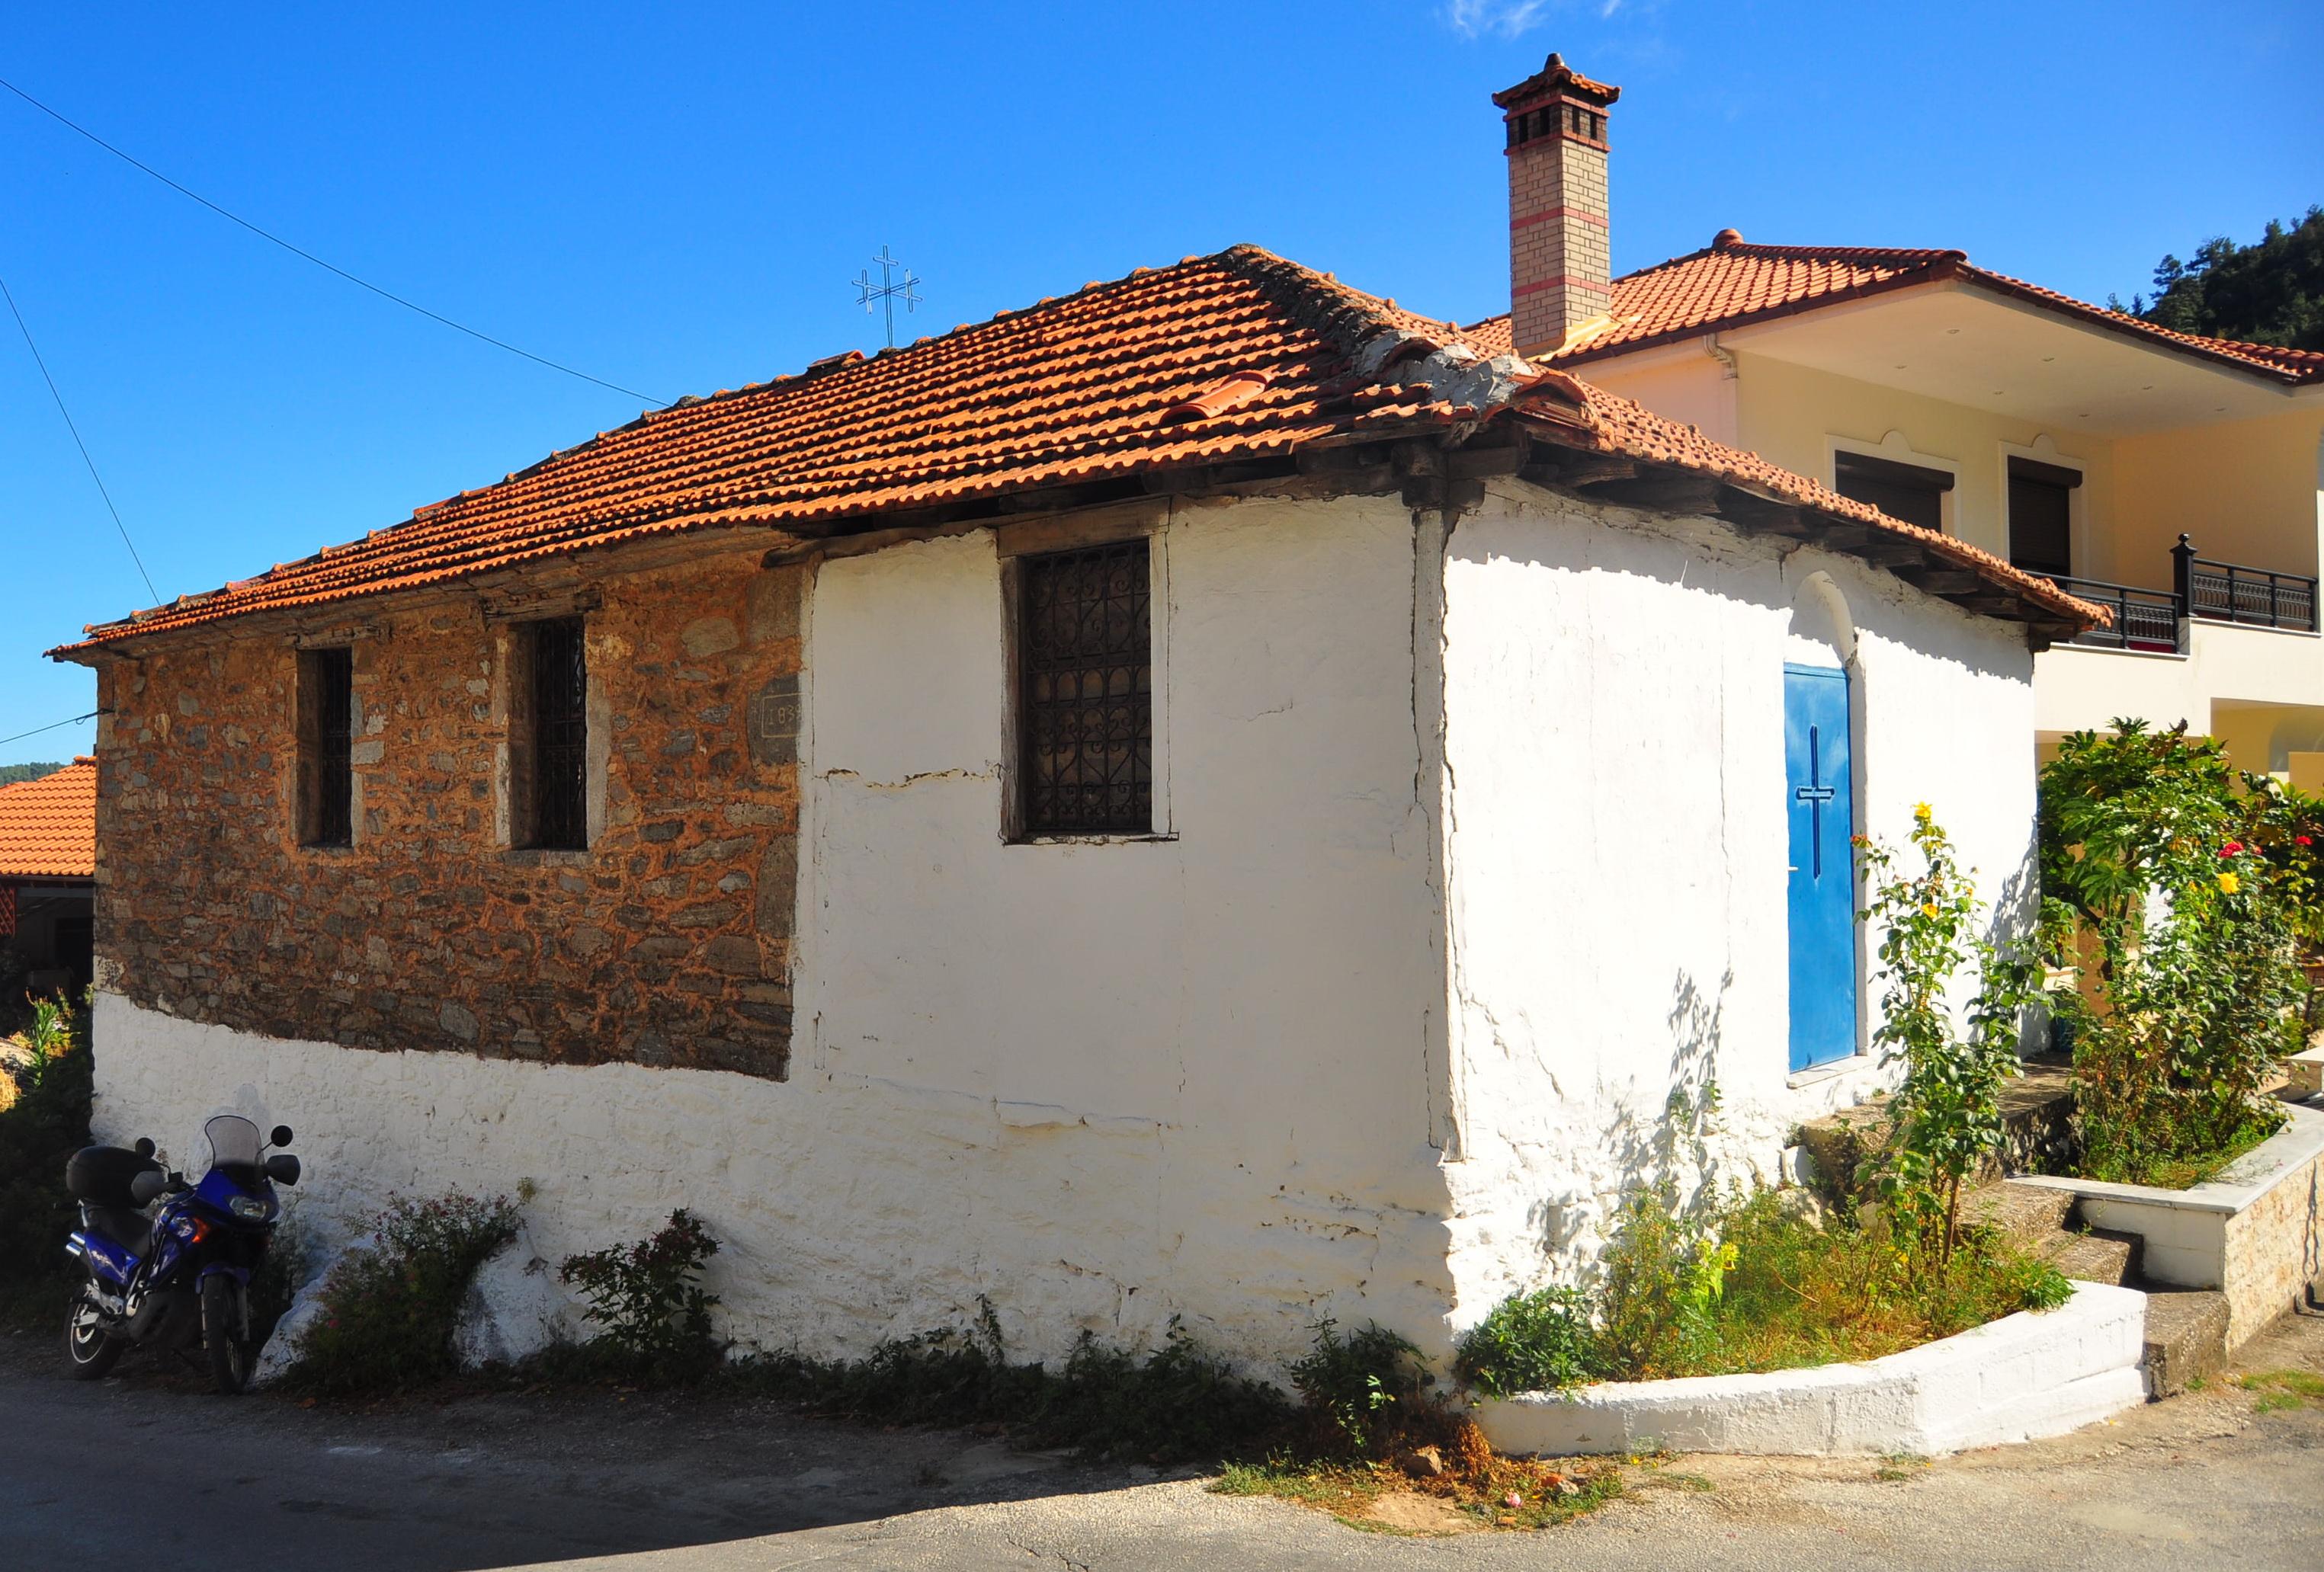 Capela Thassos